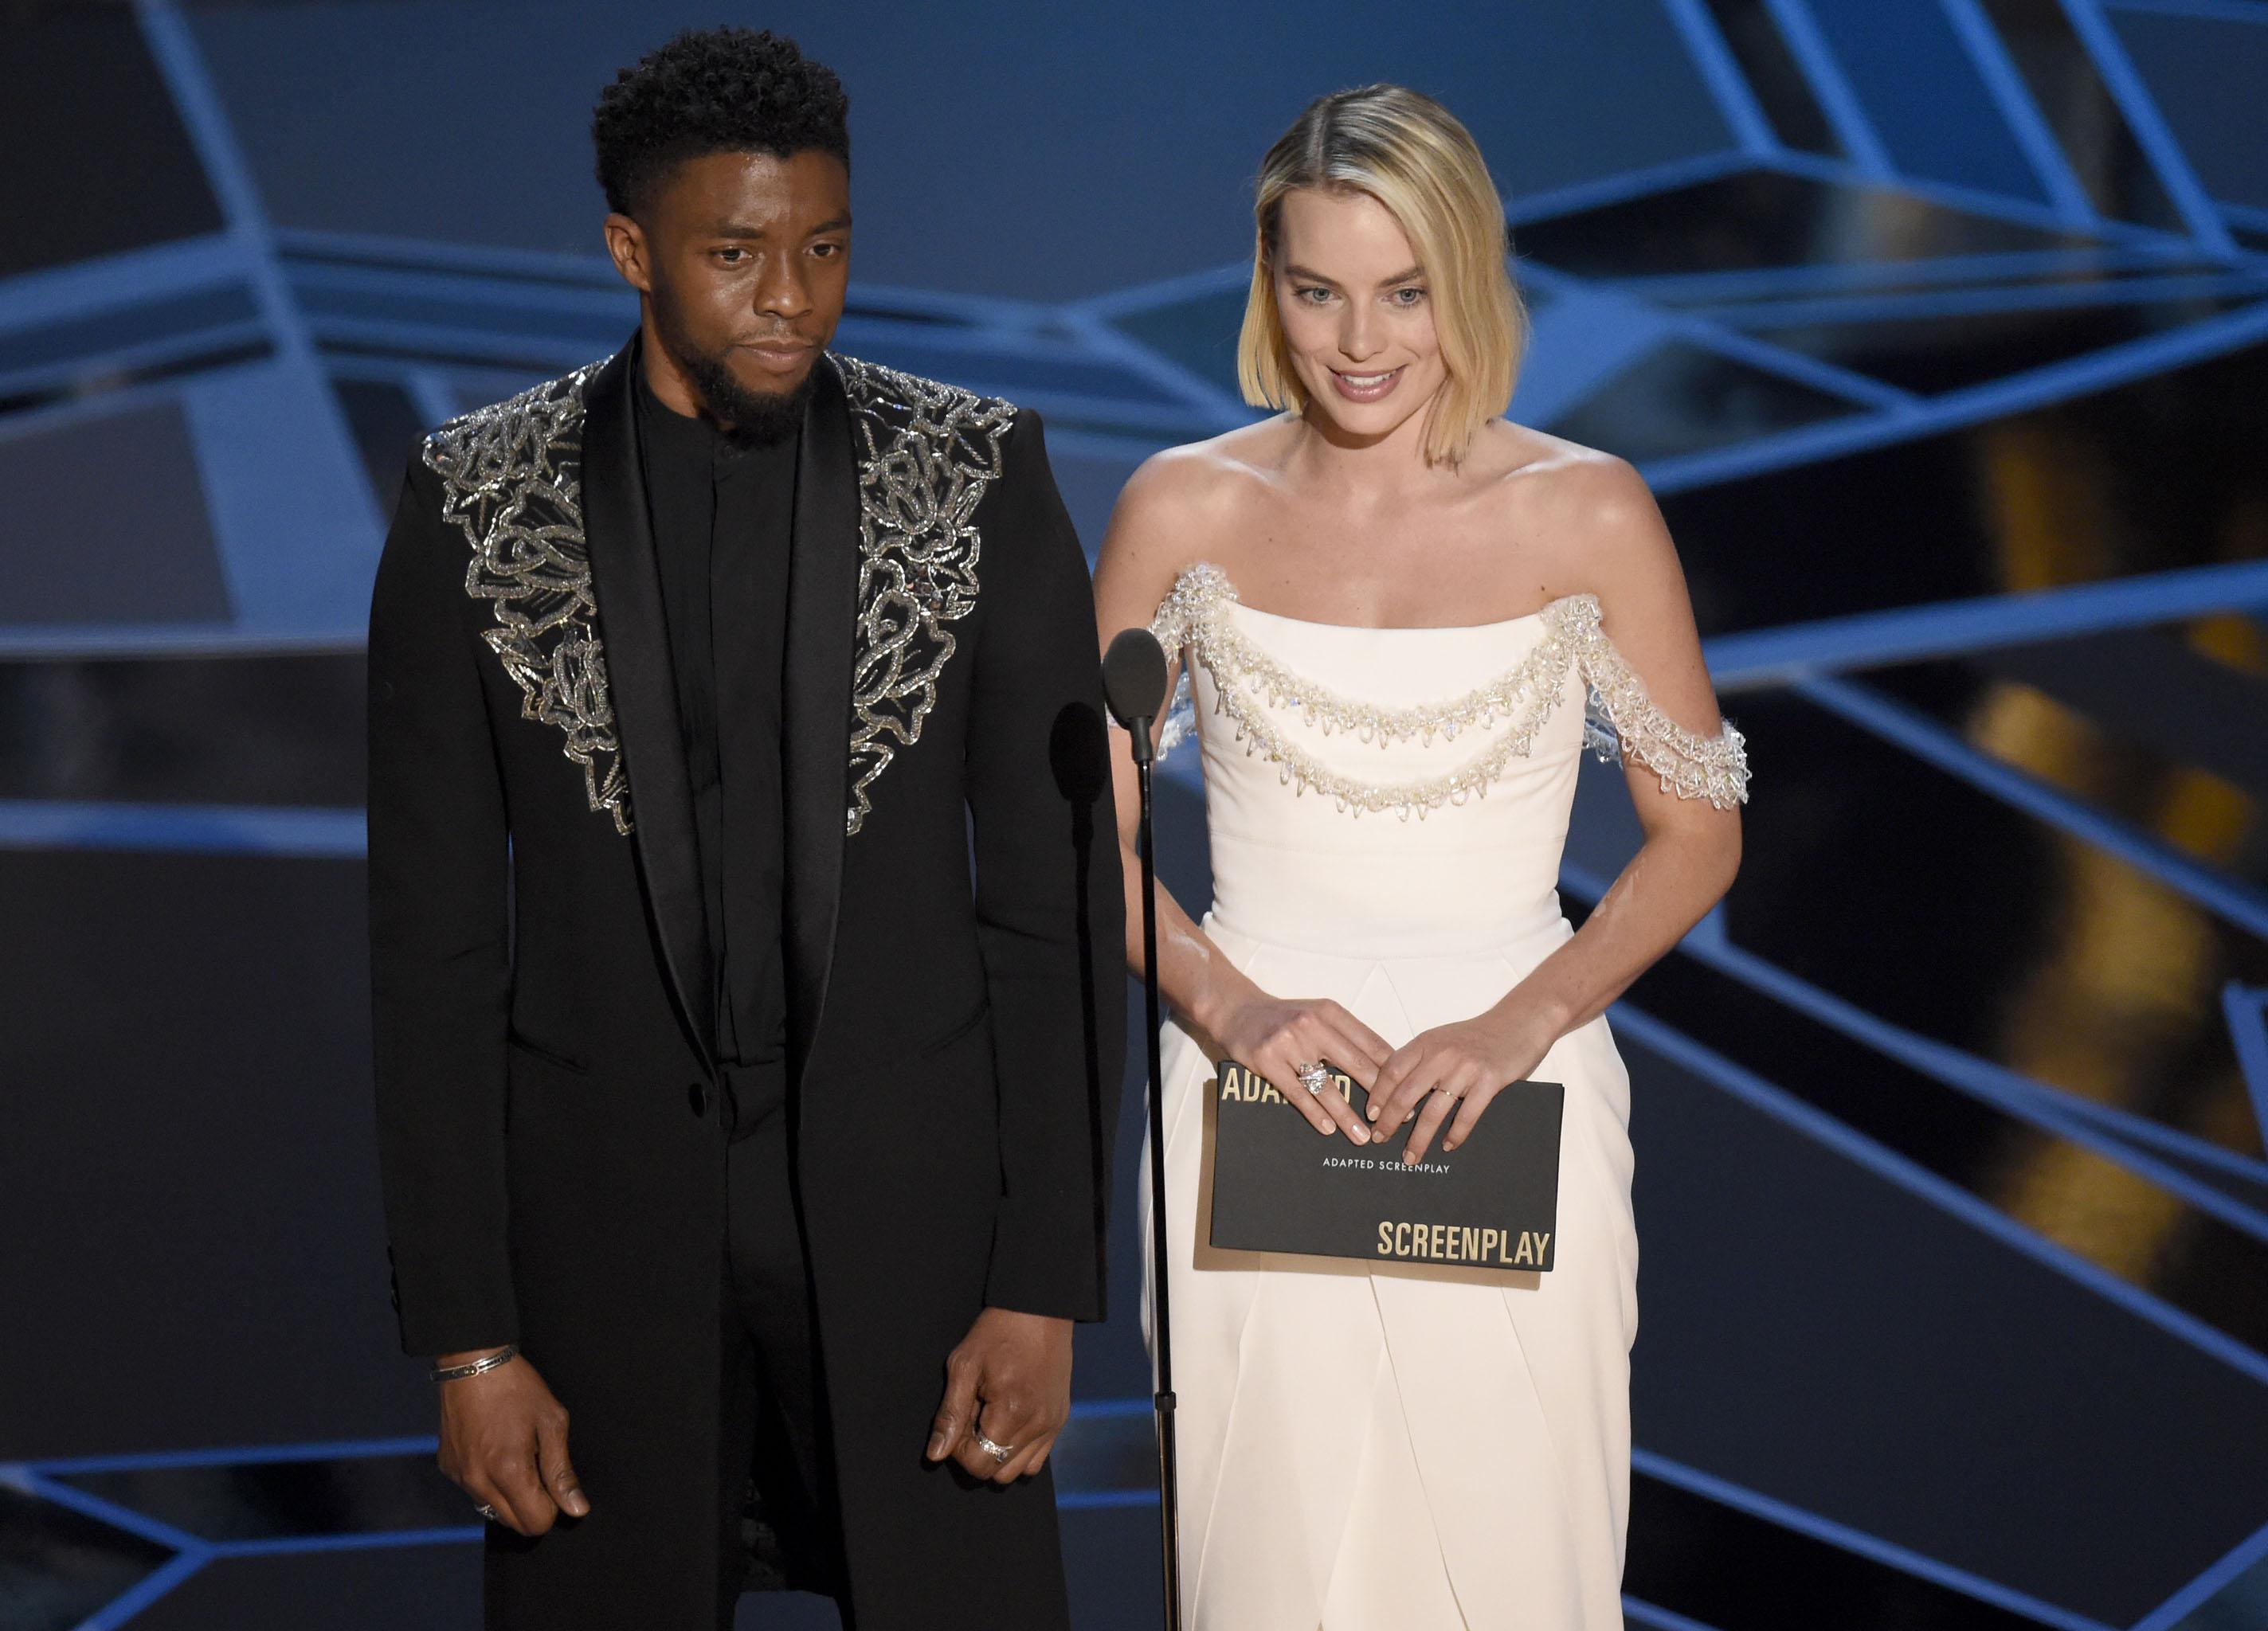 Fekete Párduc és Harley Quinn a legjobb adaptált forgatókönyvnek járó díjat adták át együtt